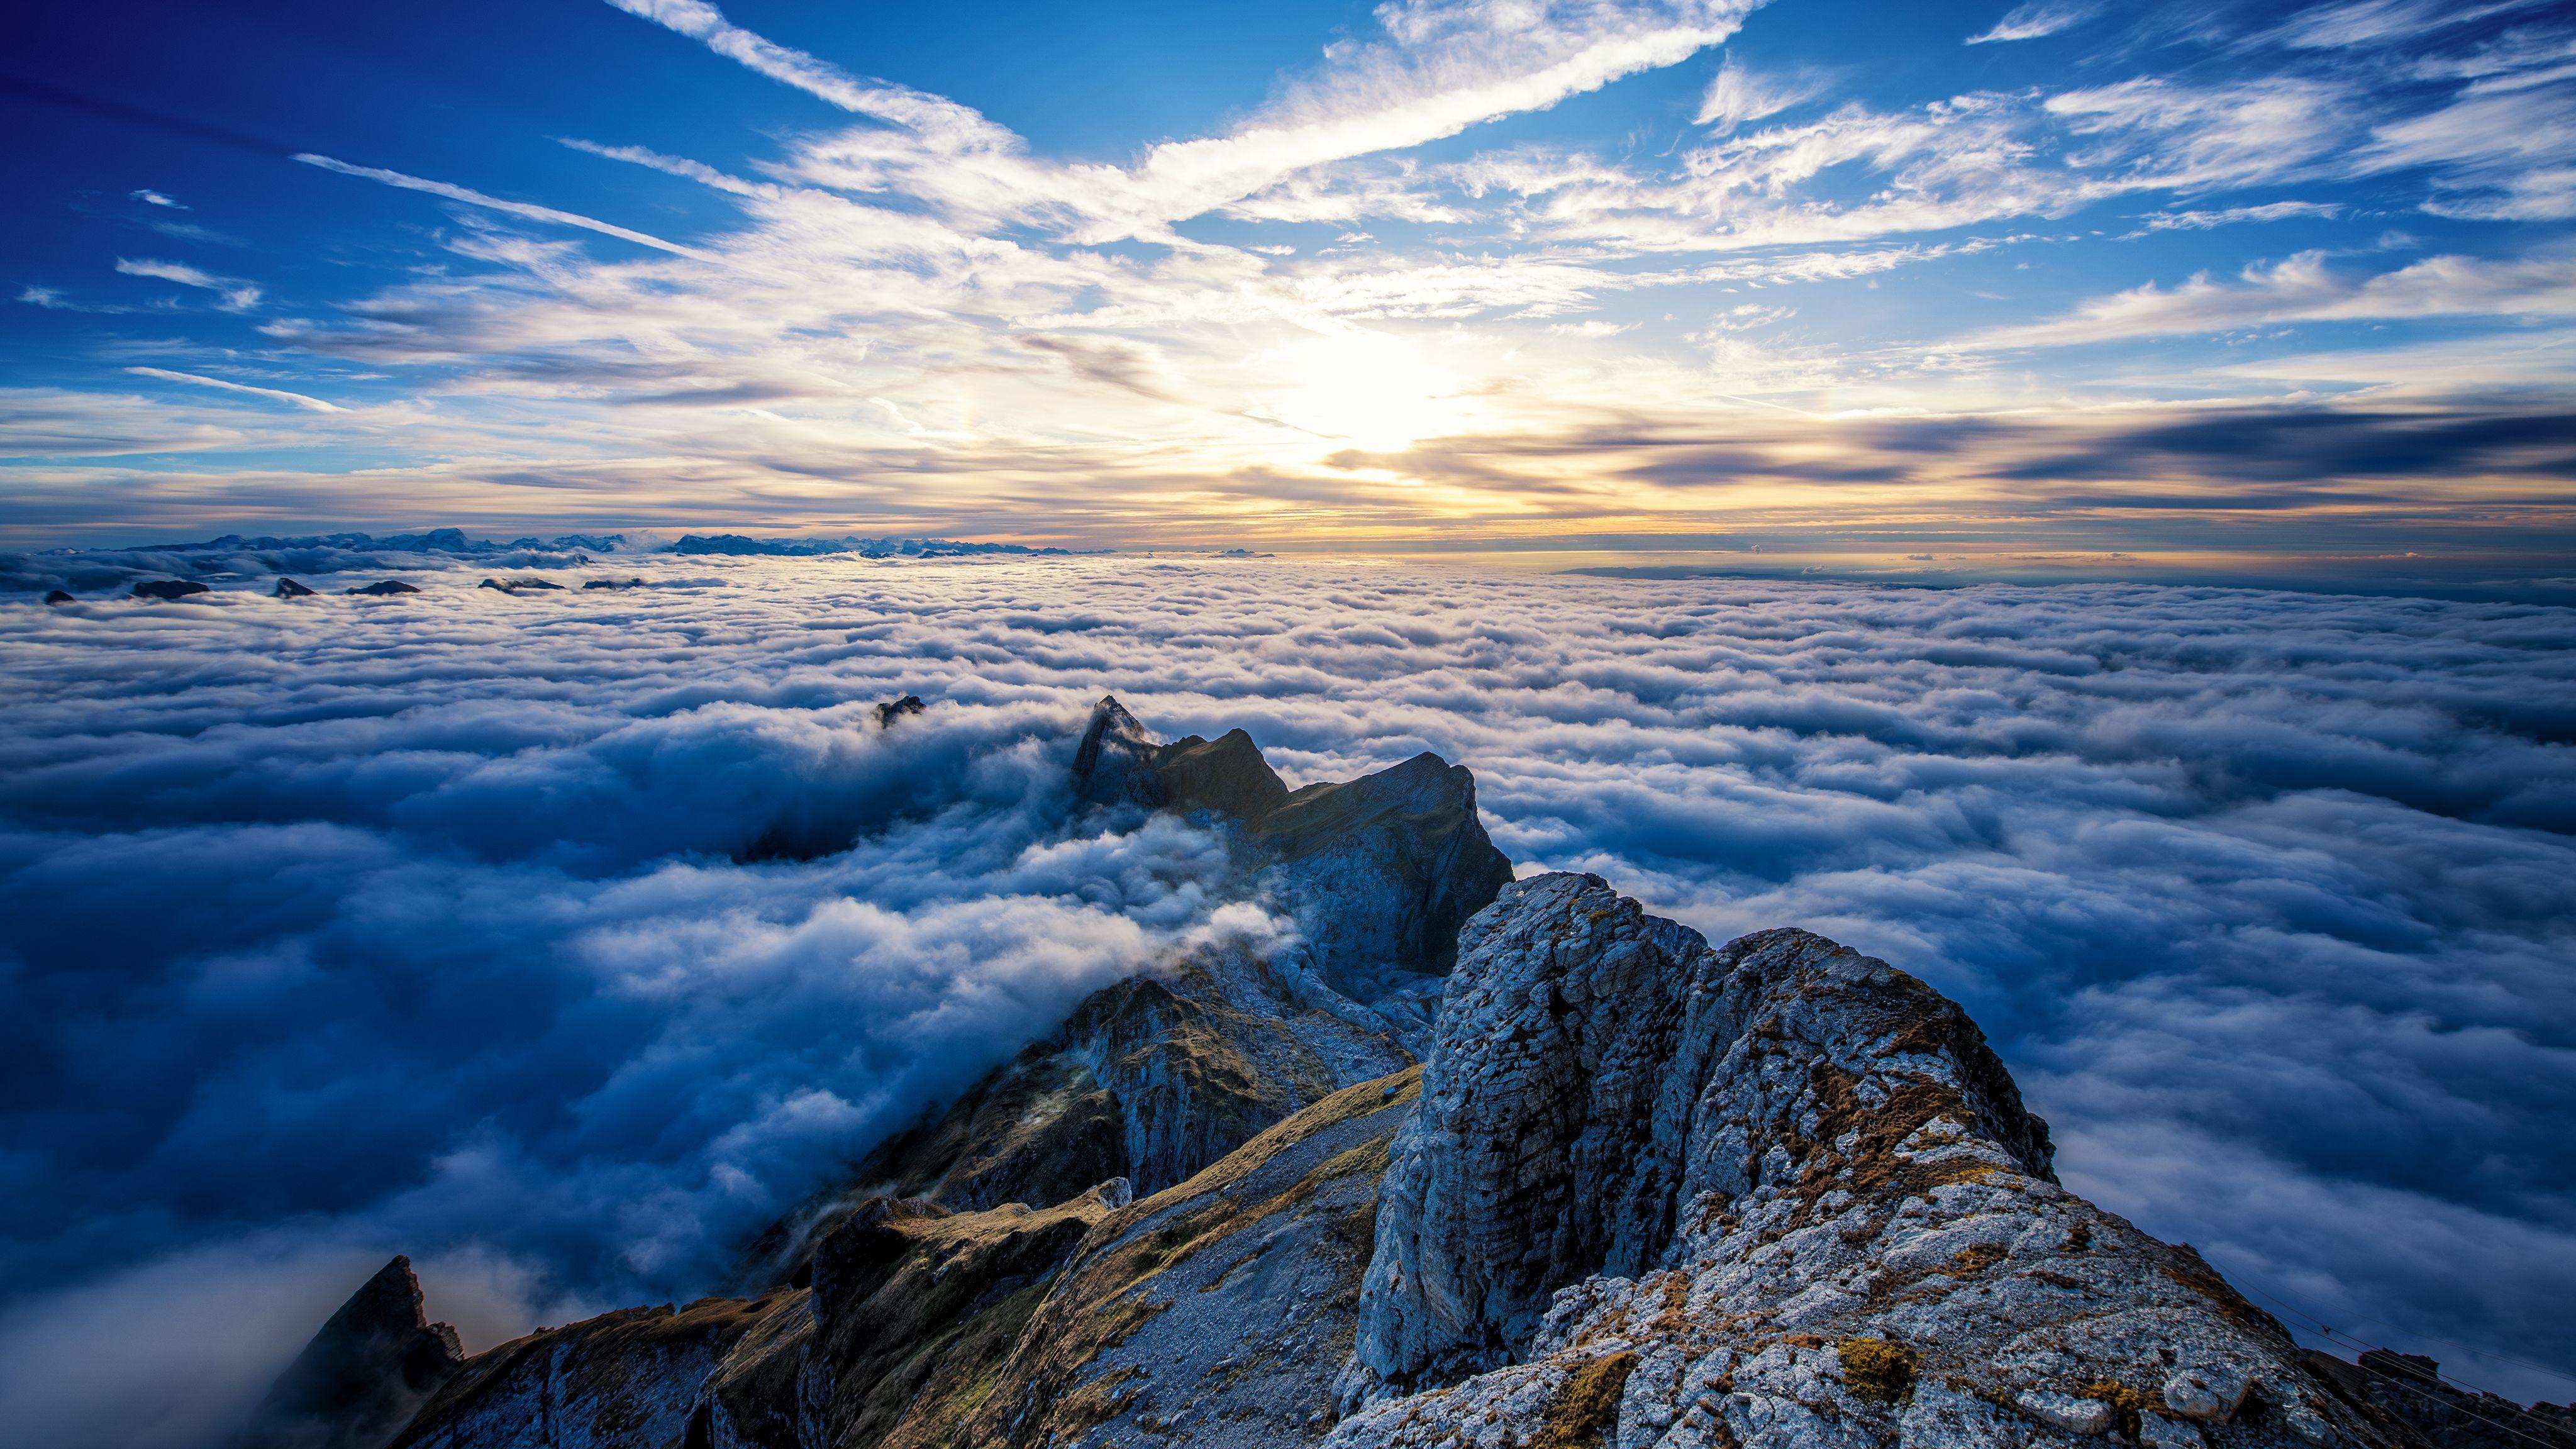 Cloud Mountain Wallpapers   Top Cloud Mountain Backgrounds 4096x2304